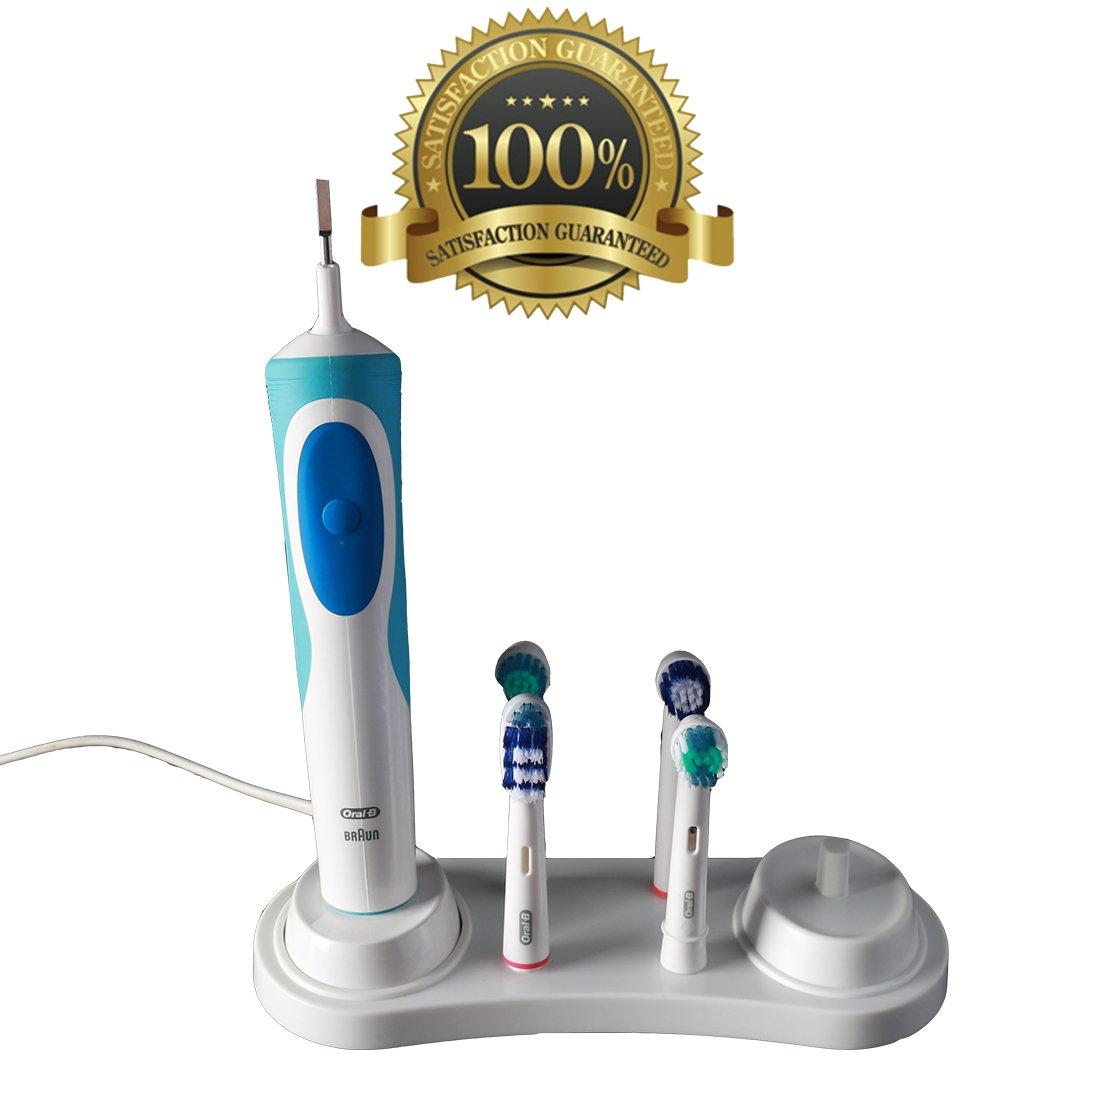 Soporte de cabezal de cepillo de dientes para Oral B. Dr. Kao.: Amazon.es: Salud y cuidado personal